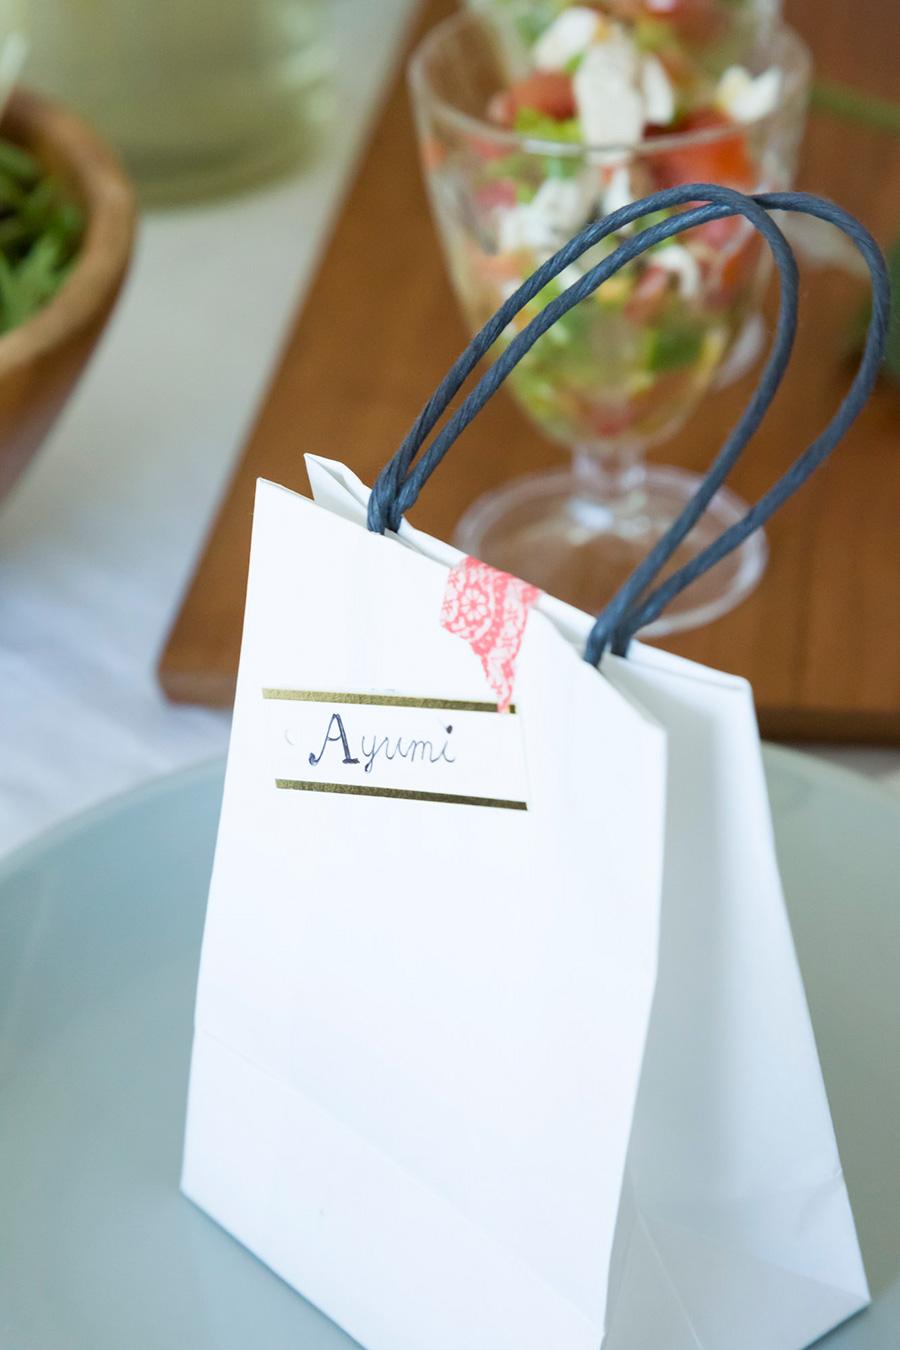 キャンディーを入れた小袋に、席札変わりのネームシールを貼って、テーブルにセッティング。